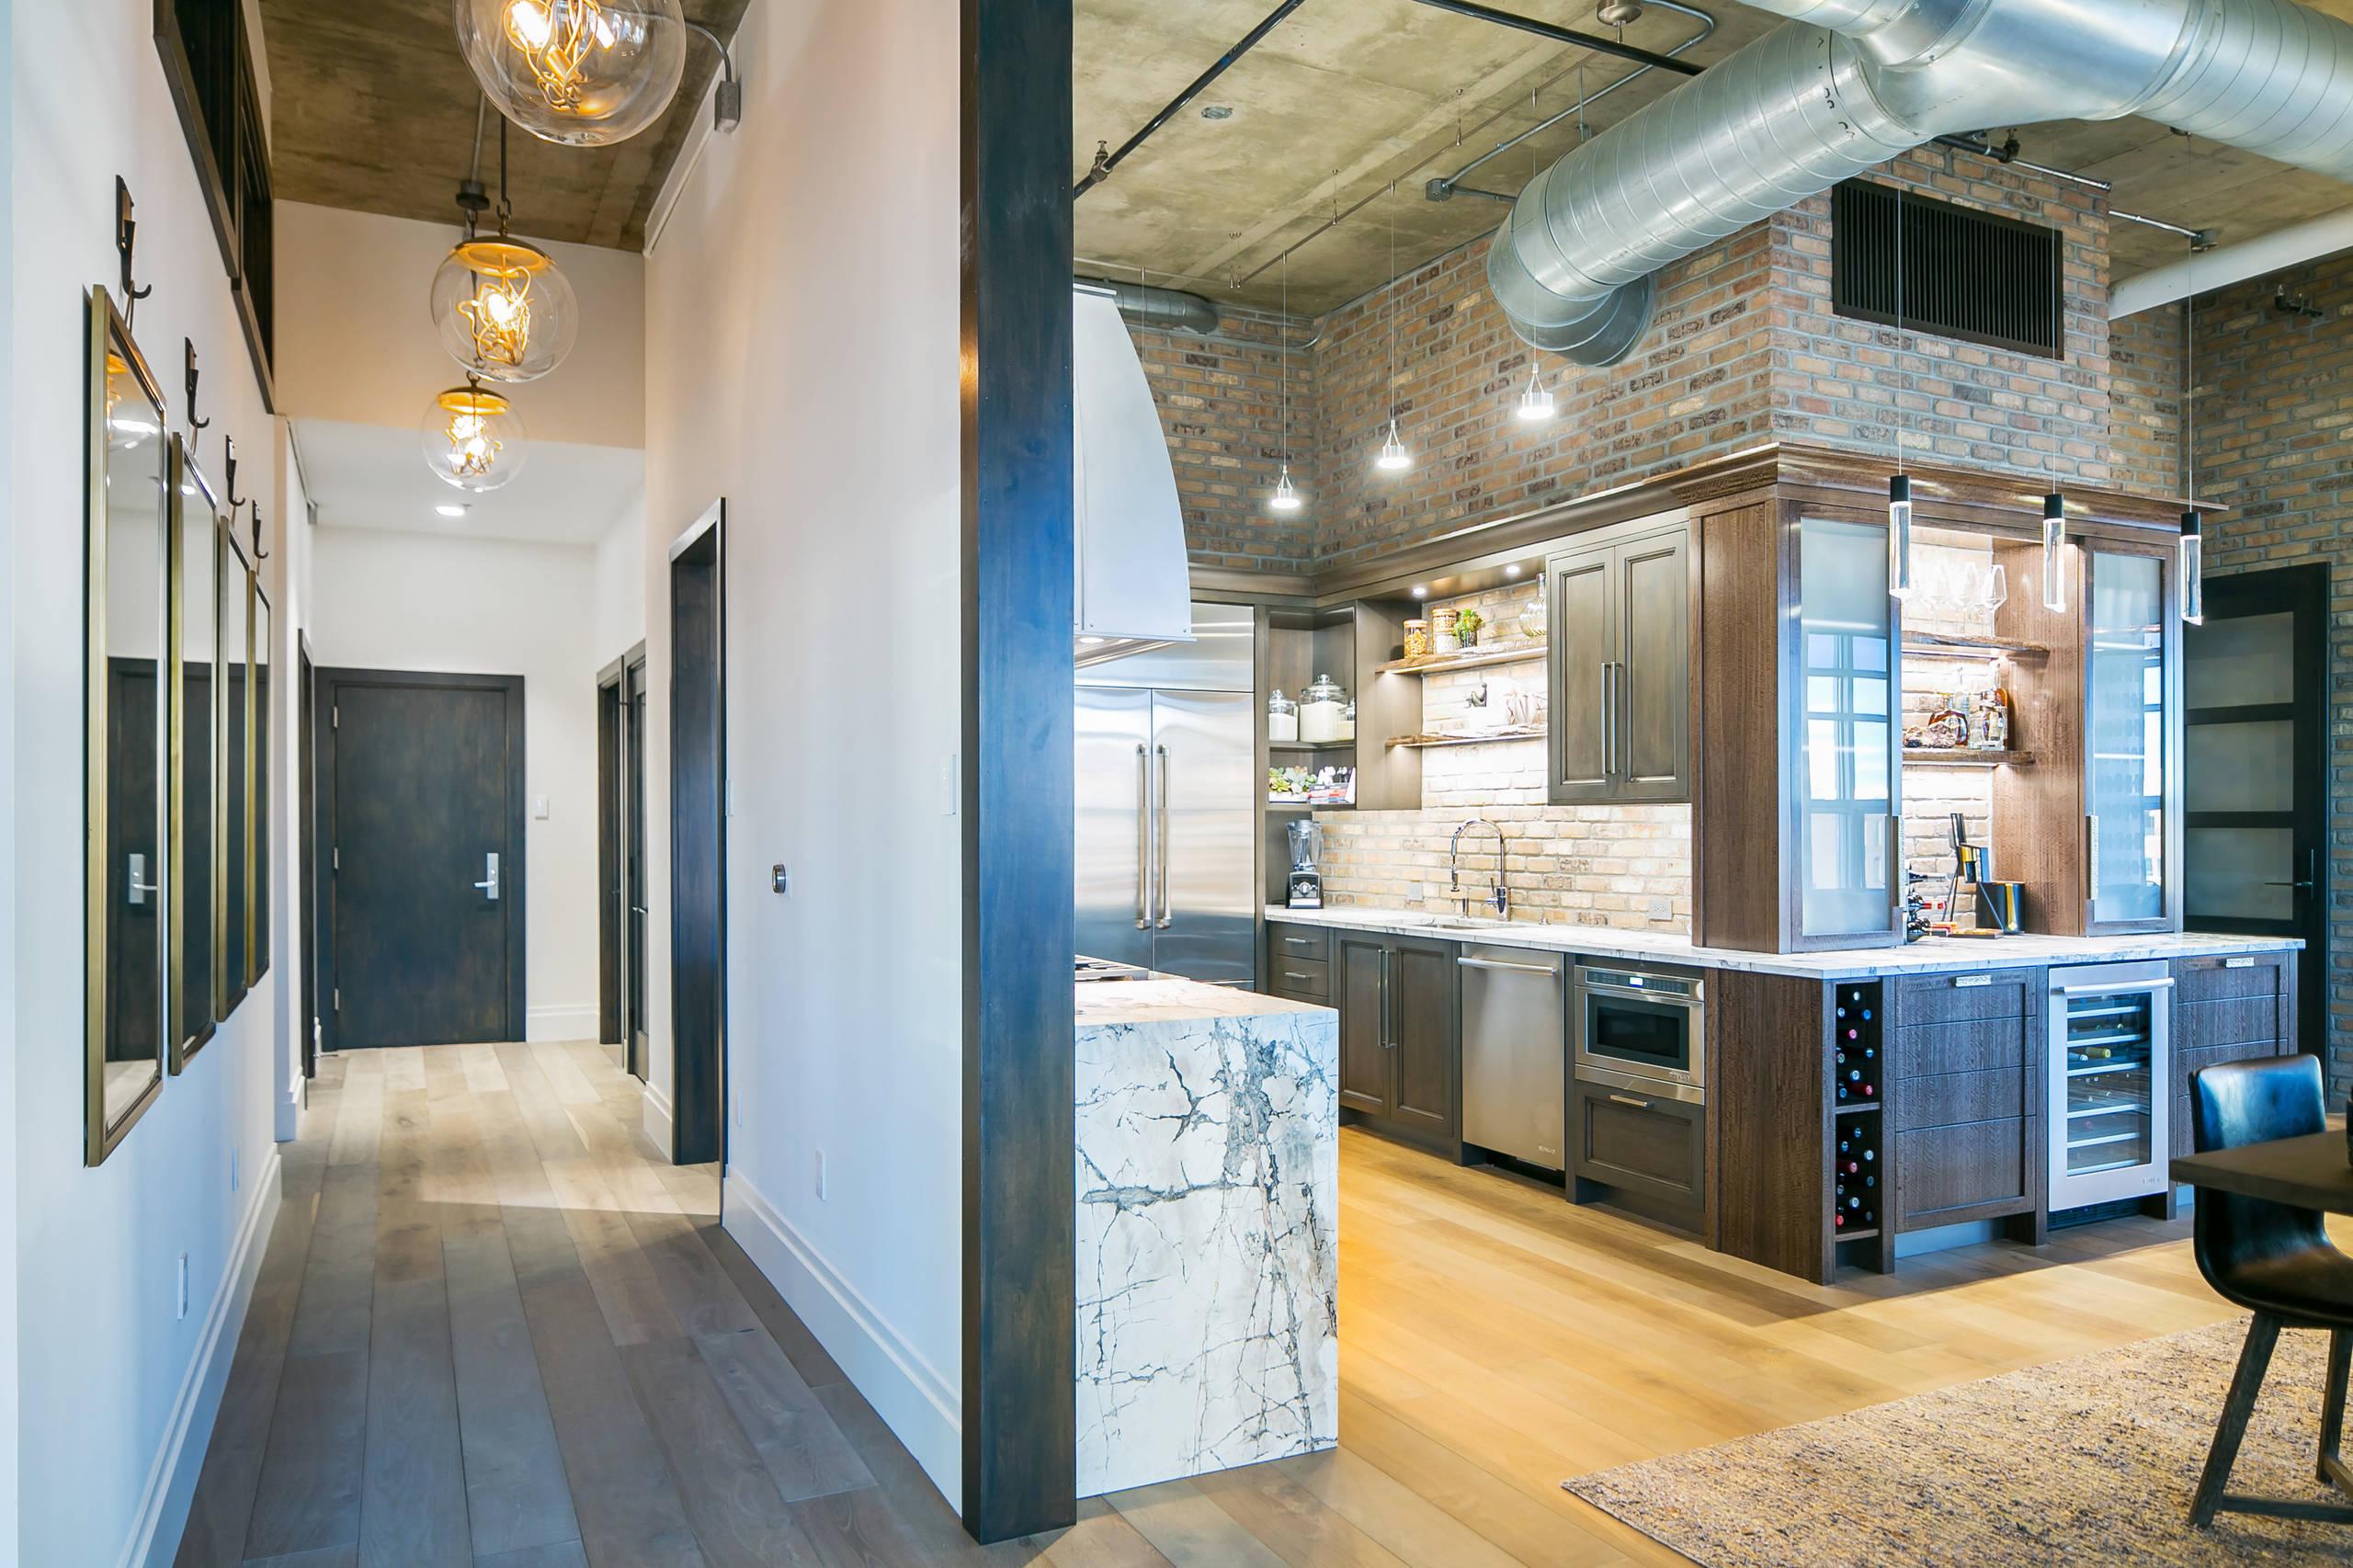 Denver Colorado Residence Loft Style KITCHEN